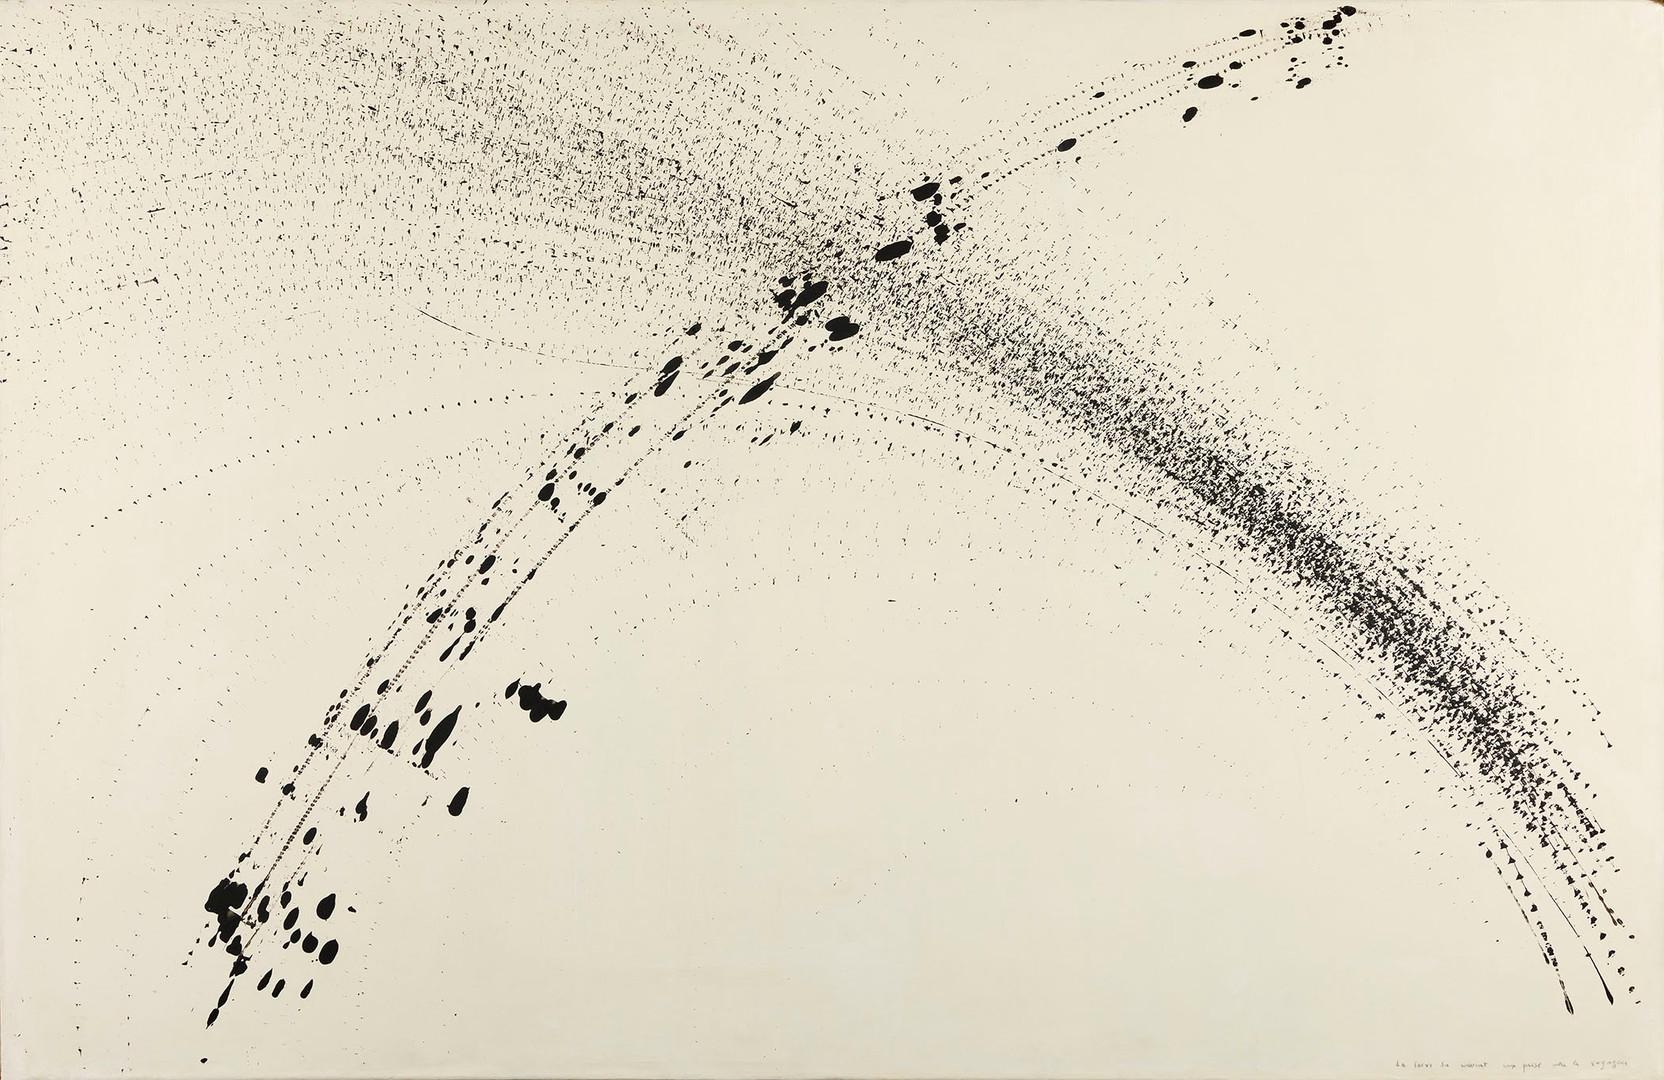 Bernard Réquichot, La louve du couvent aux prises avec le voyageur, Traces graphiques, 1957